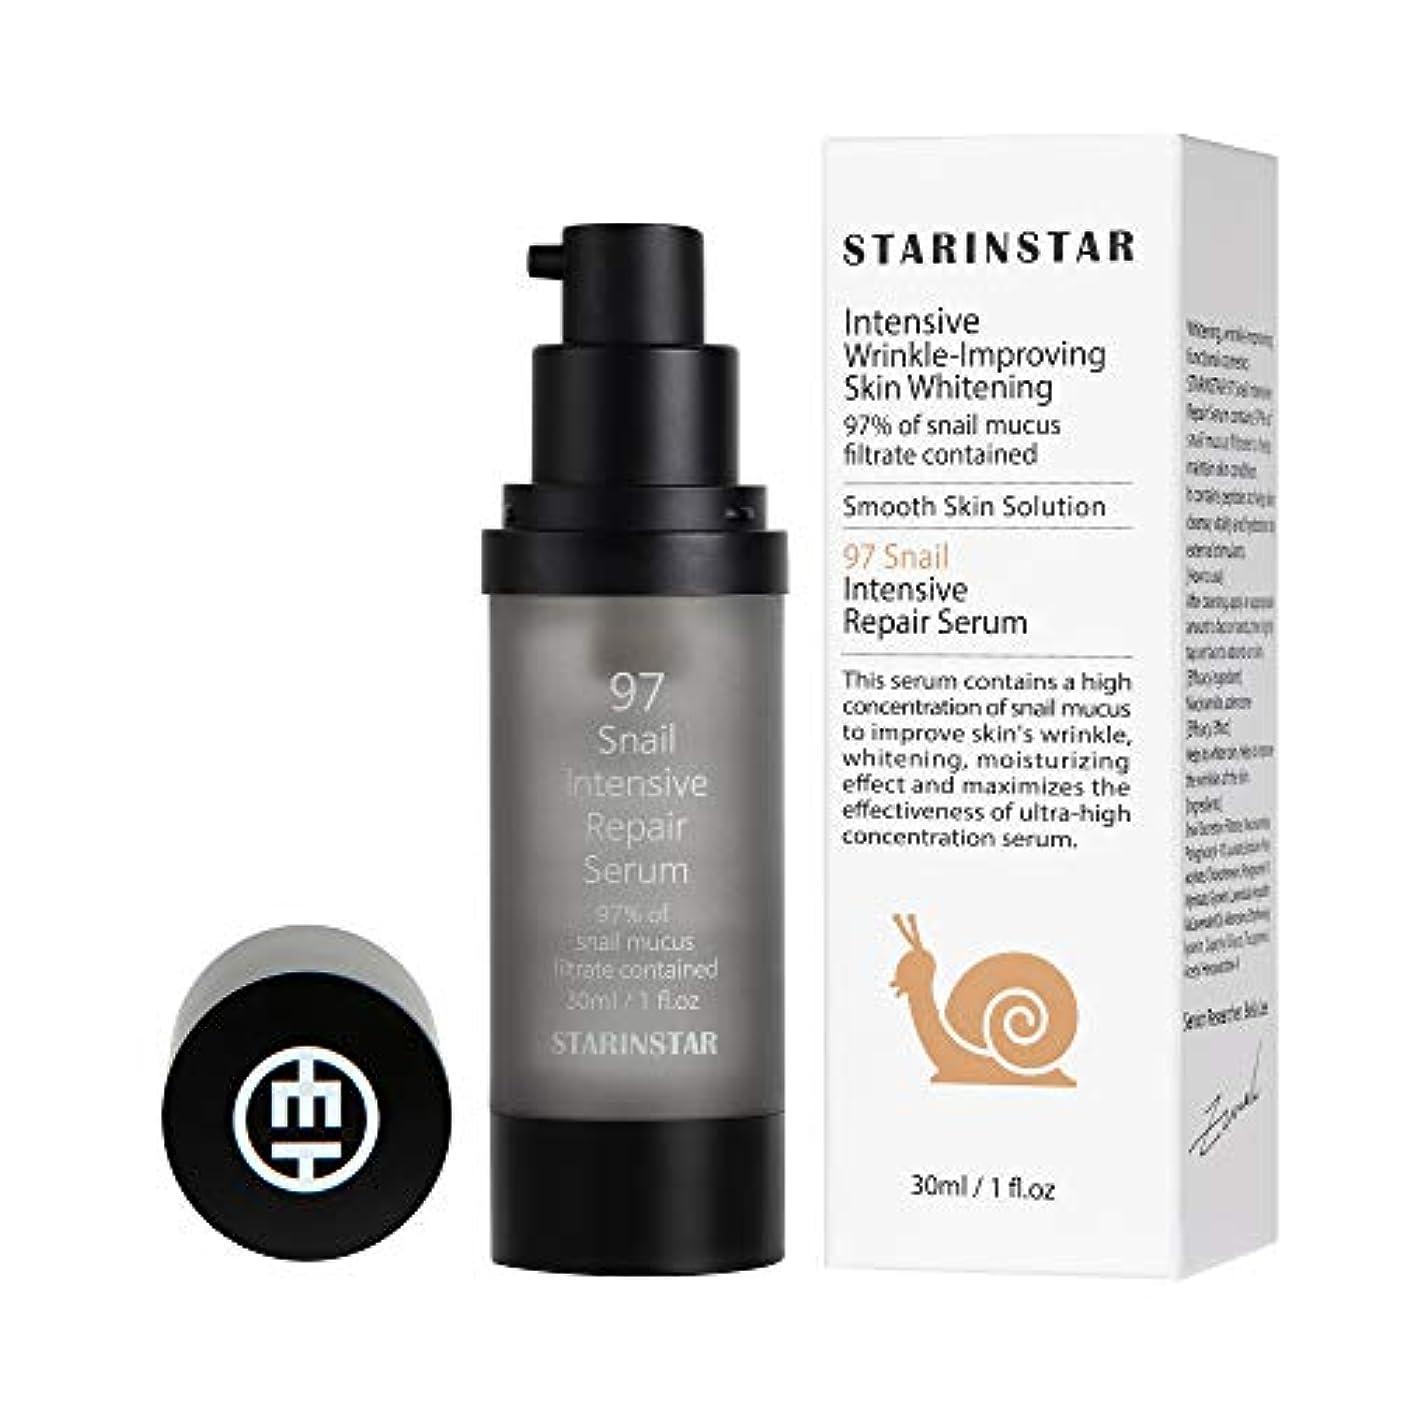 予防接種風刺時折[STARINSTAR] 97 スネイルインテンシブリペアセラム 、ラベンダー油500ppmおよびペプチド100ppm、鼻汁粘液濾液の97%、30ml / 1fl.oz